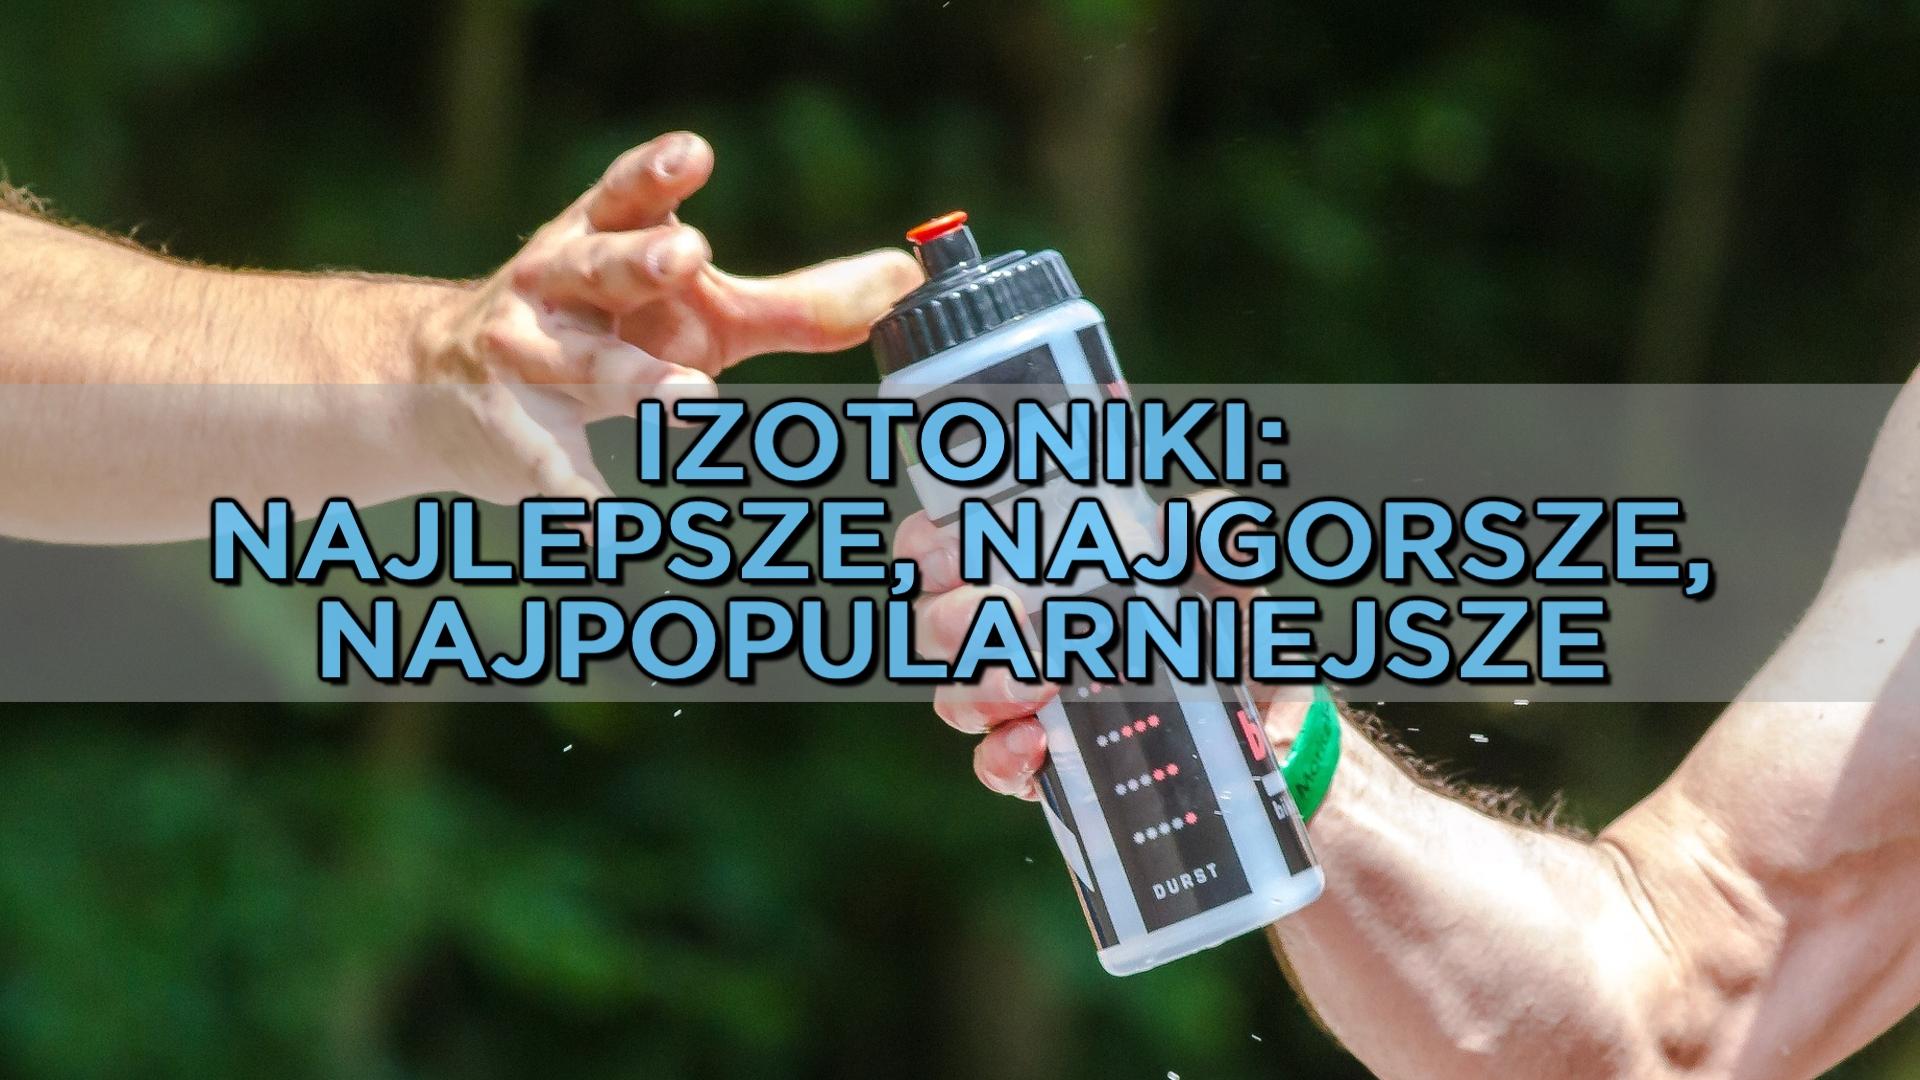 Najpopularniejsze izotoniki